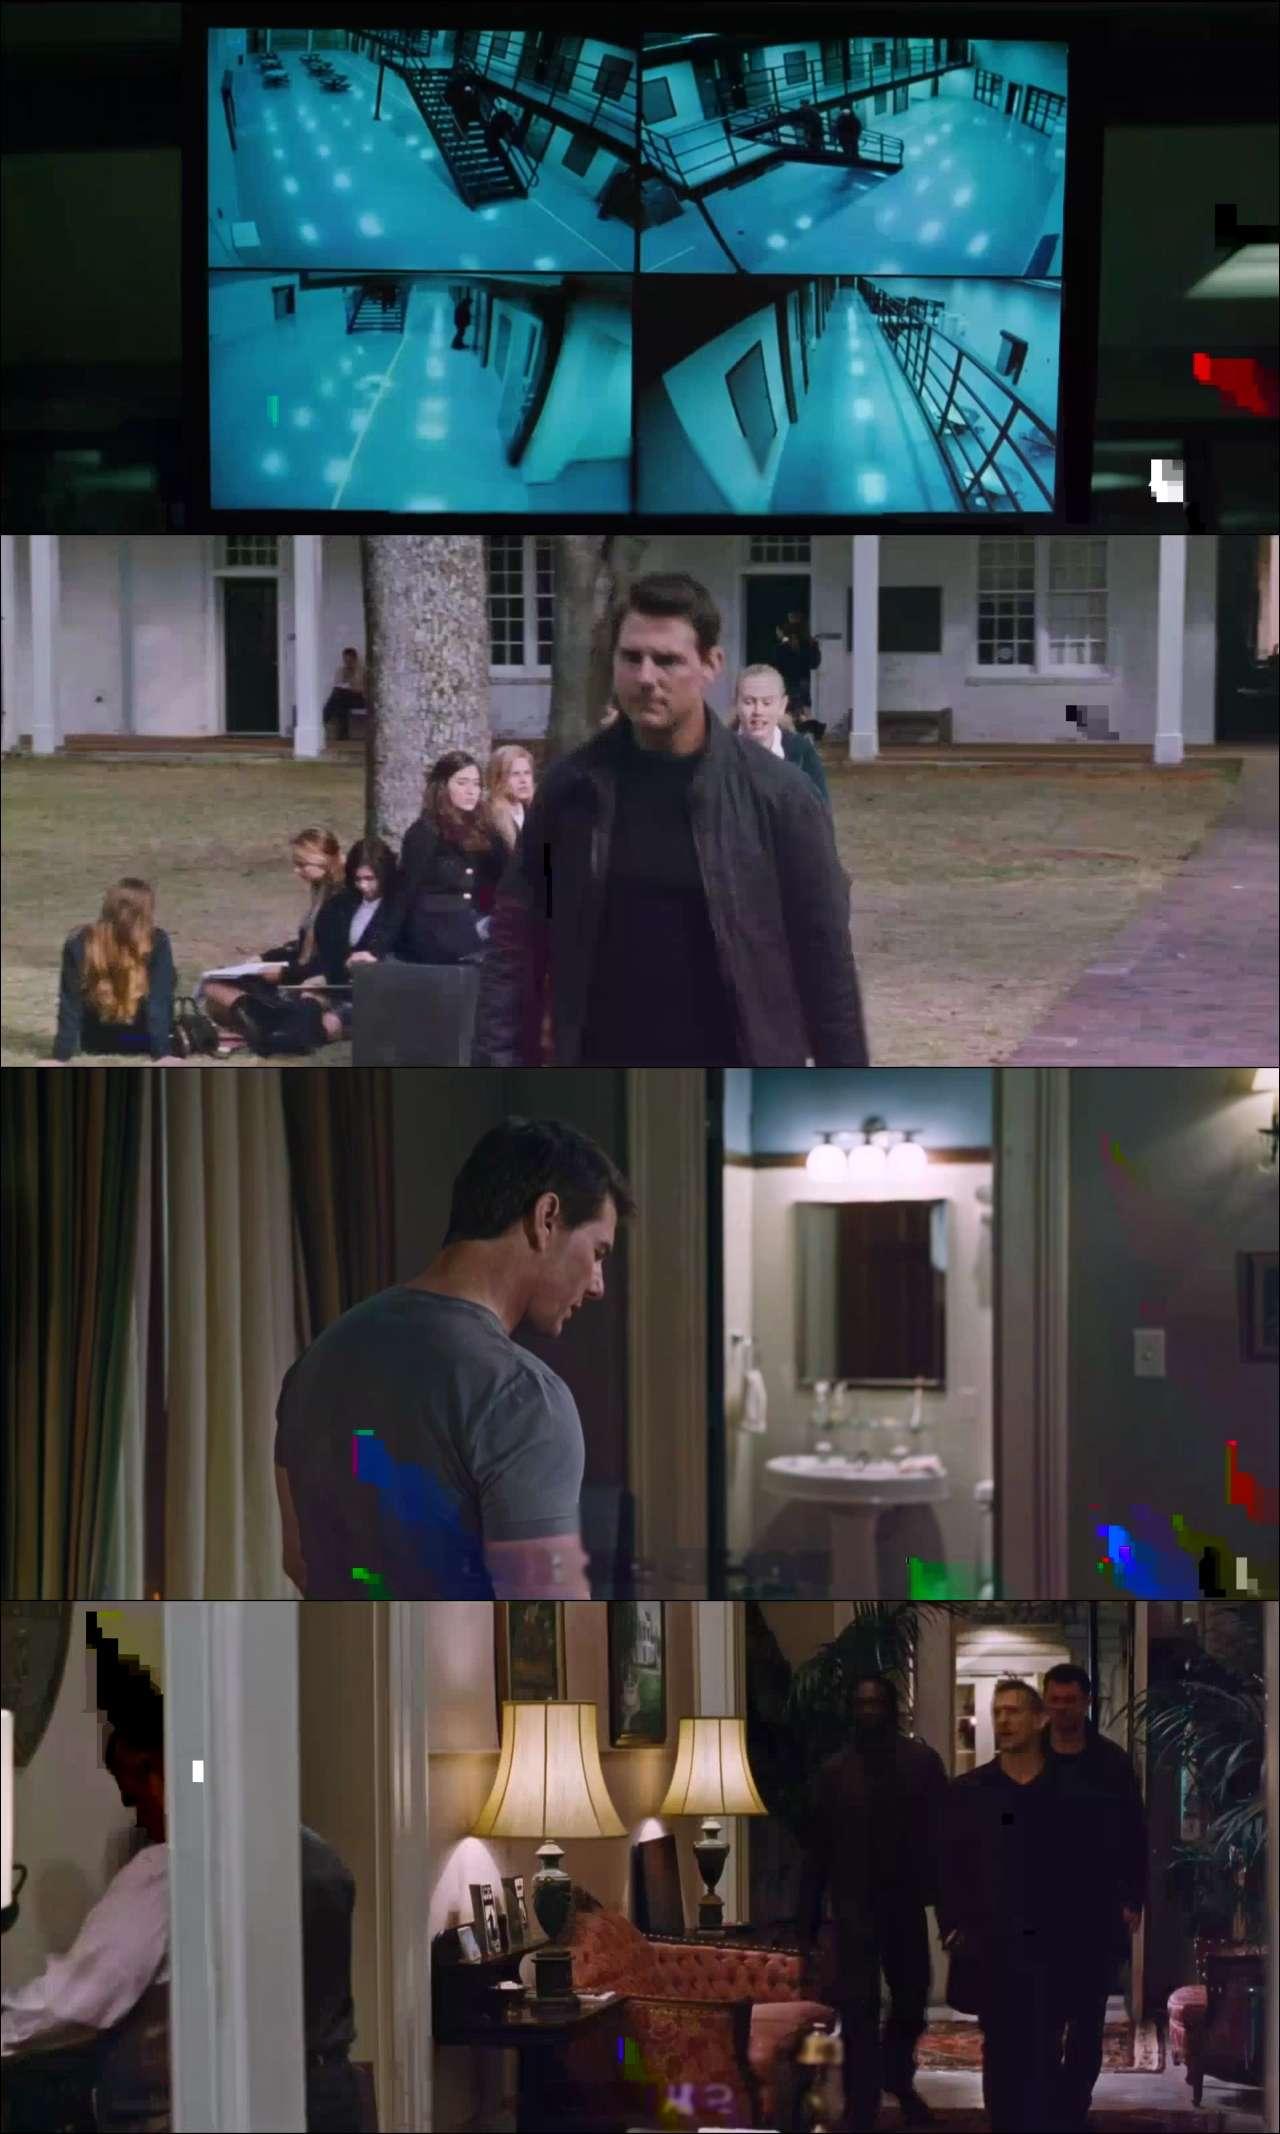 Jack Reacher: Asla Geri Dönme (2016) türkçe altyazılı film indir